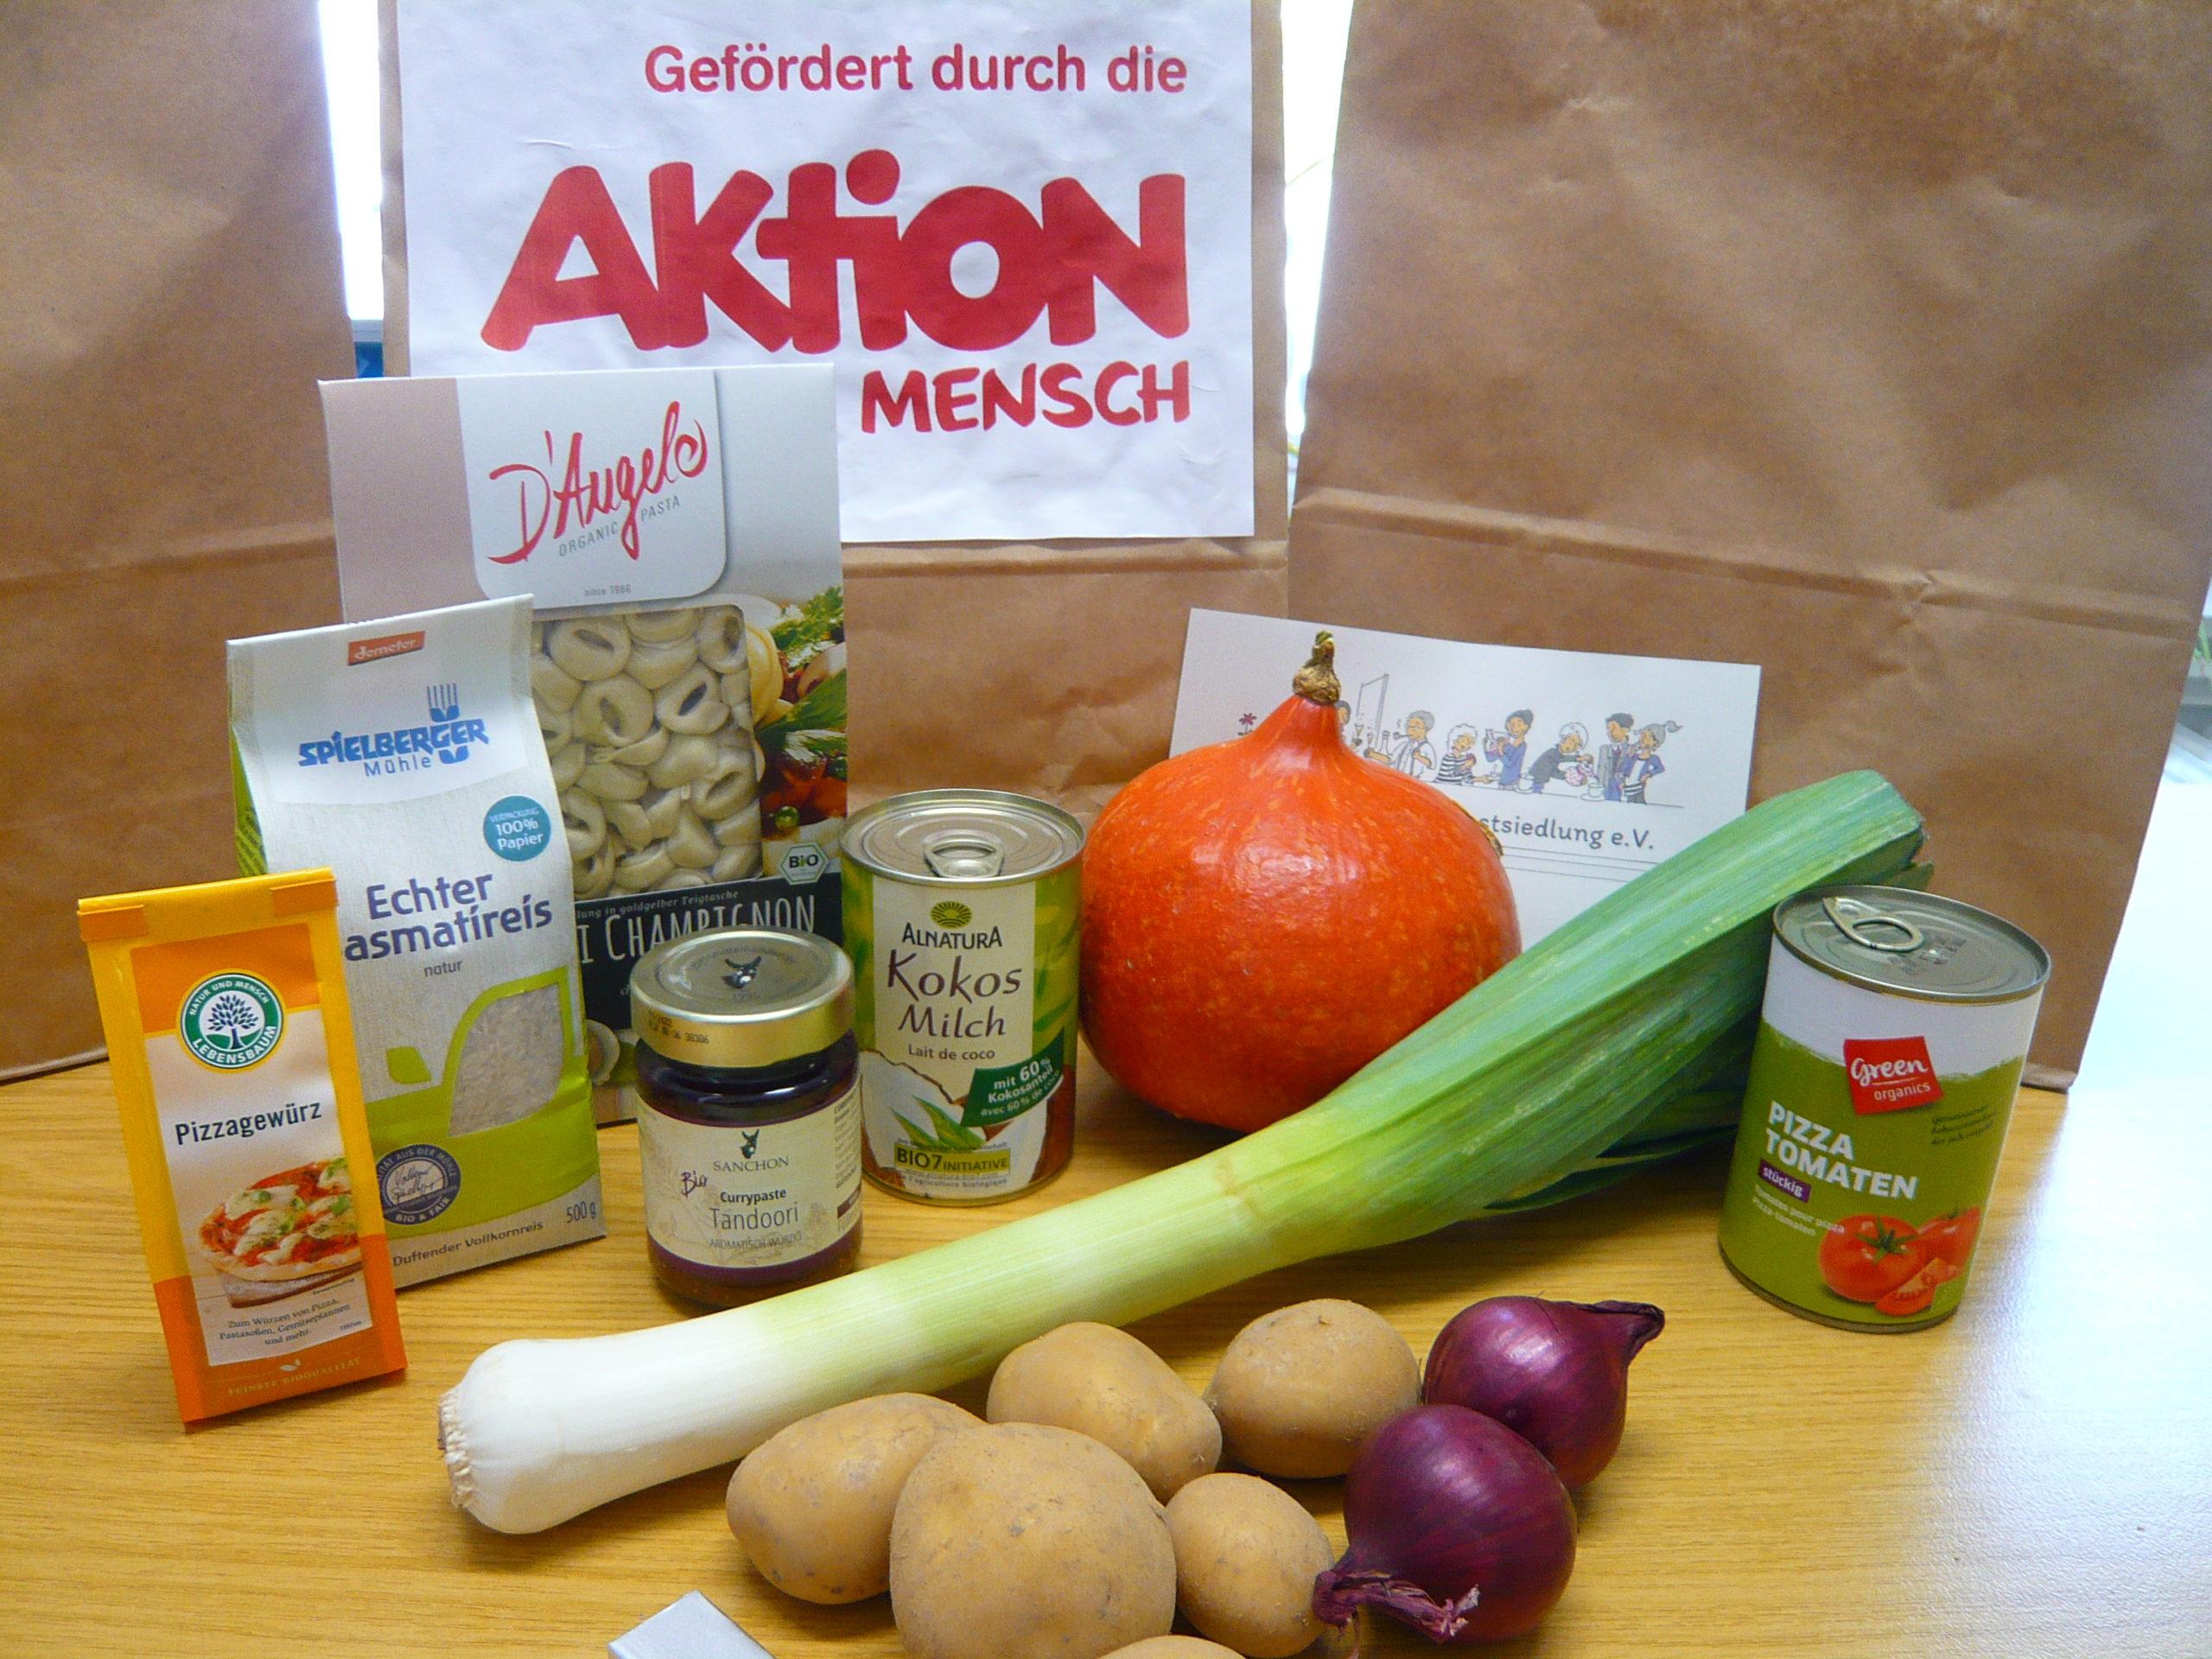 Corona-Hilfe: Die 8. Bio-Kochtüte begrüsst den Herbst mit leckeren Kürbis-Gerichten…